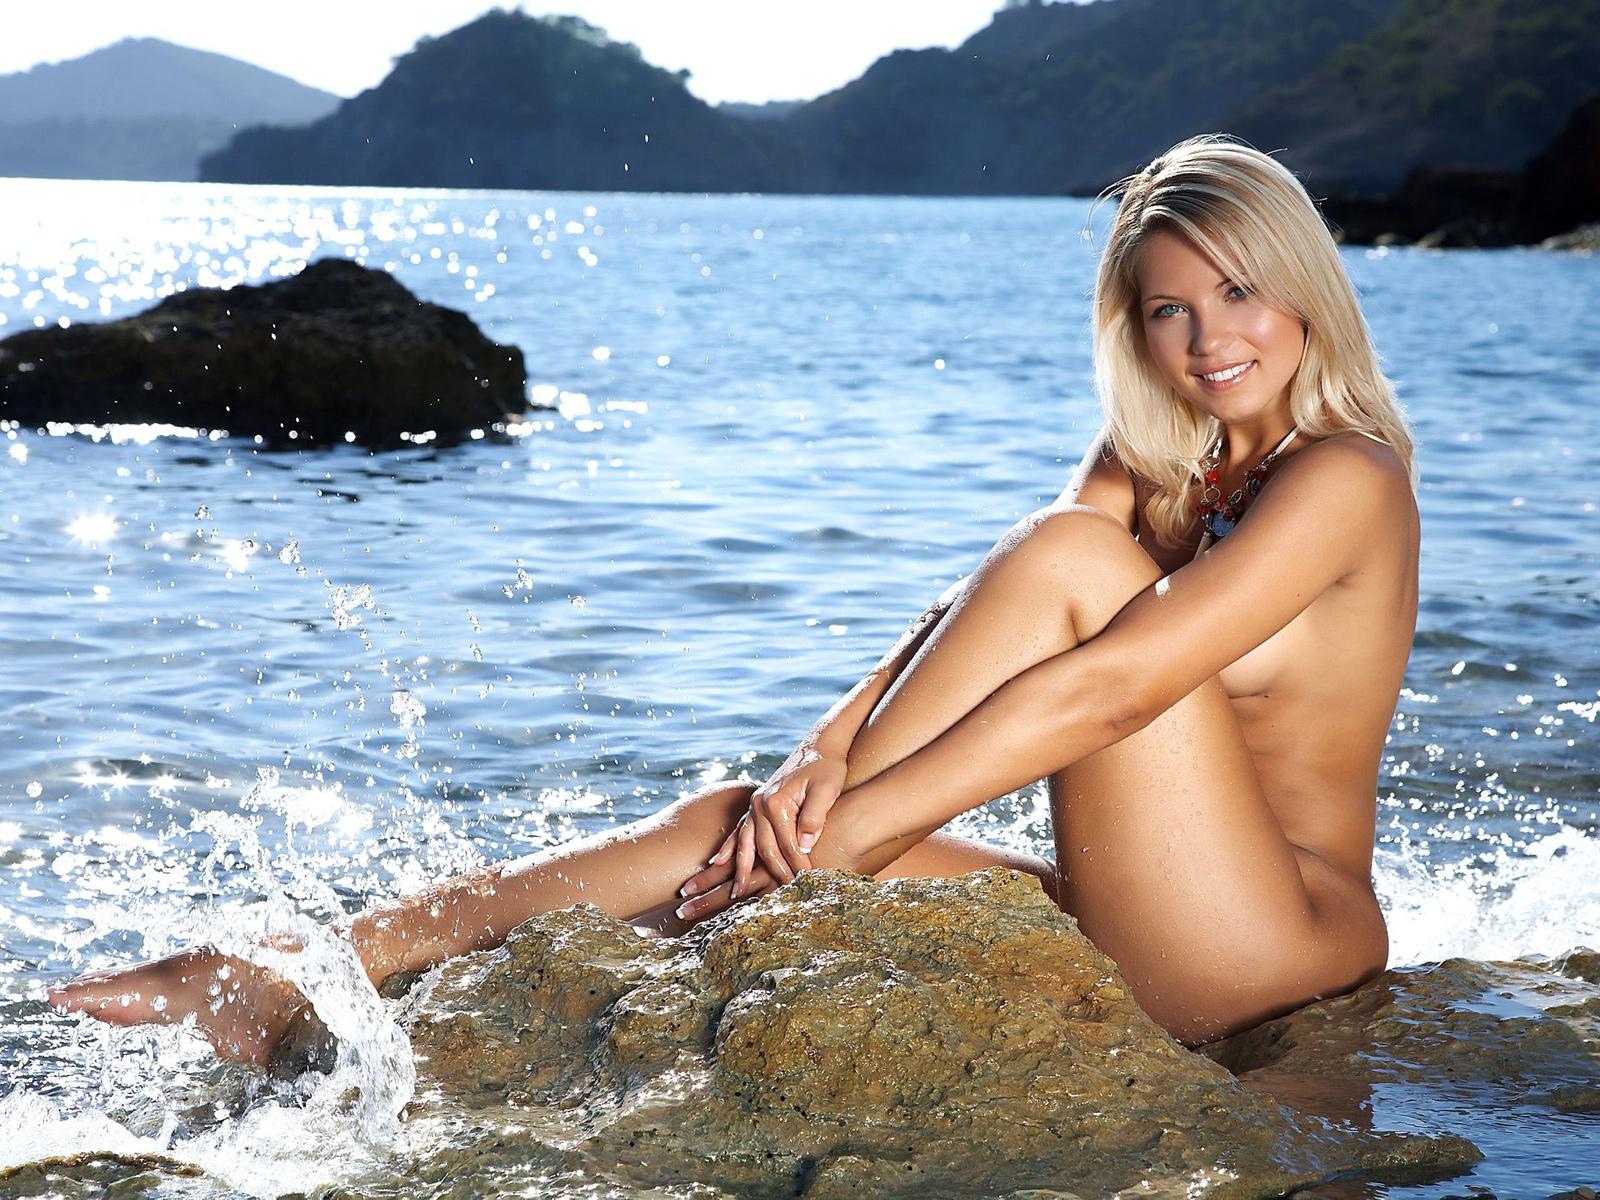 Секс после купания в море зеленое белье 24 фотография